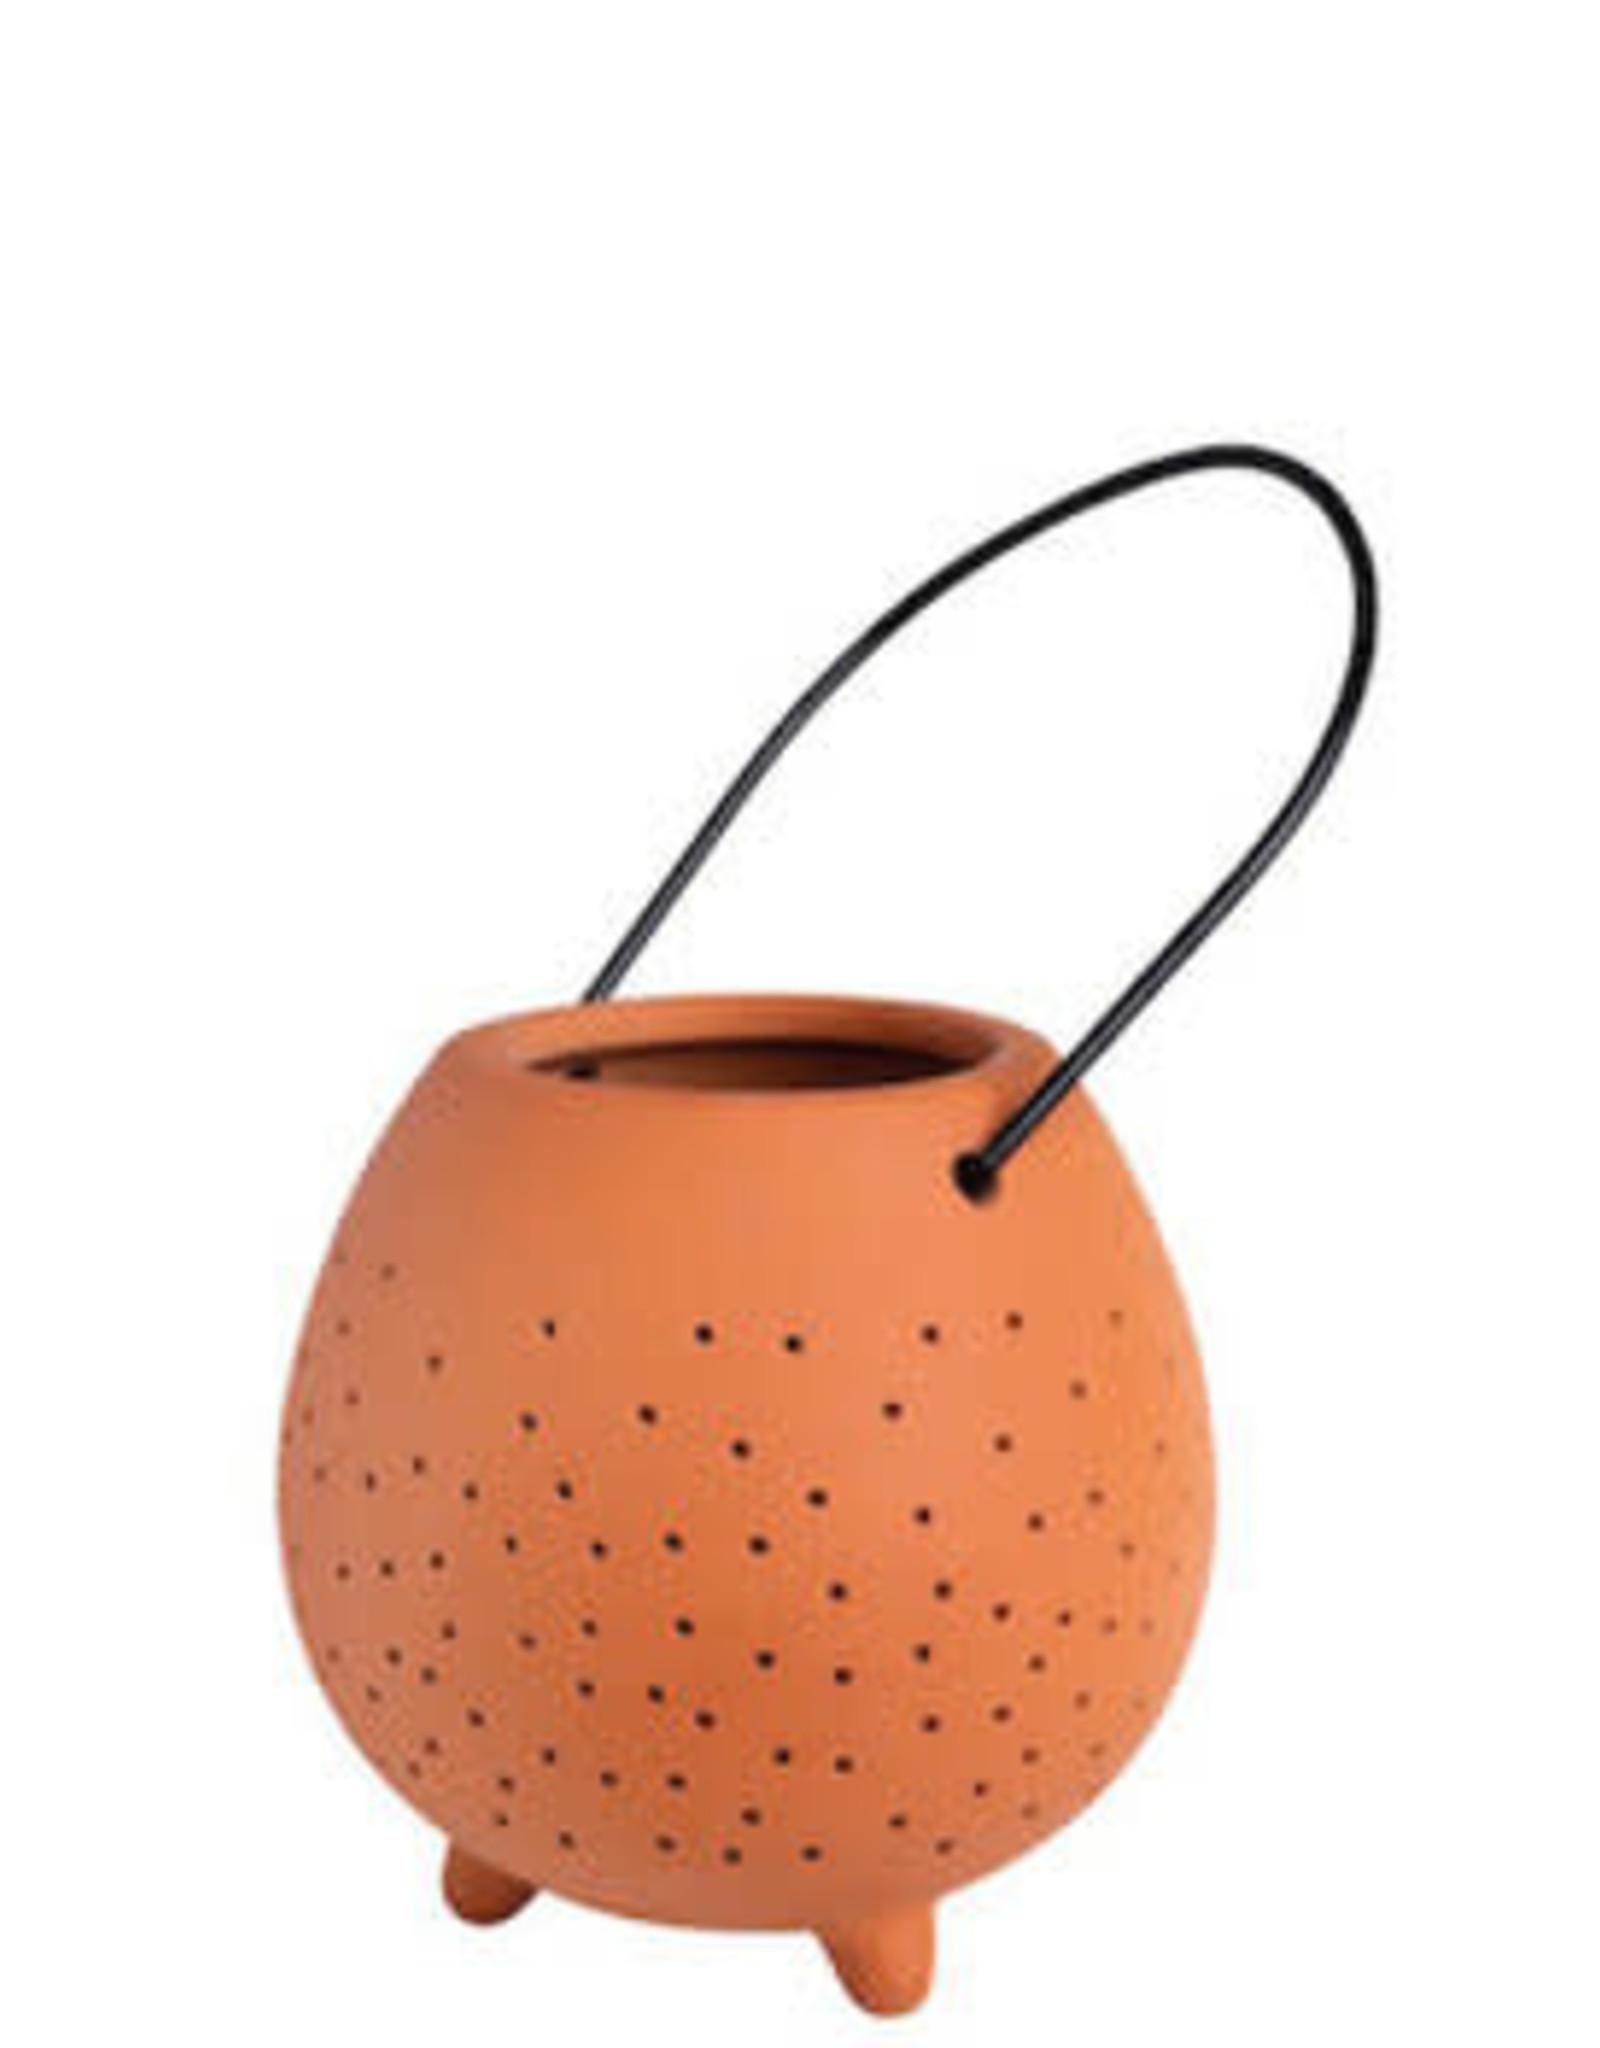 Räder Räder - Outdoor terracotta lantern - large